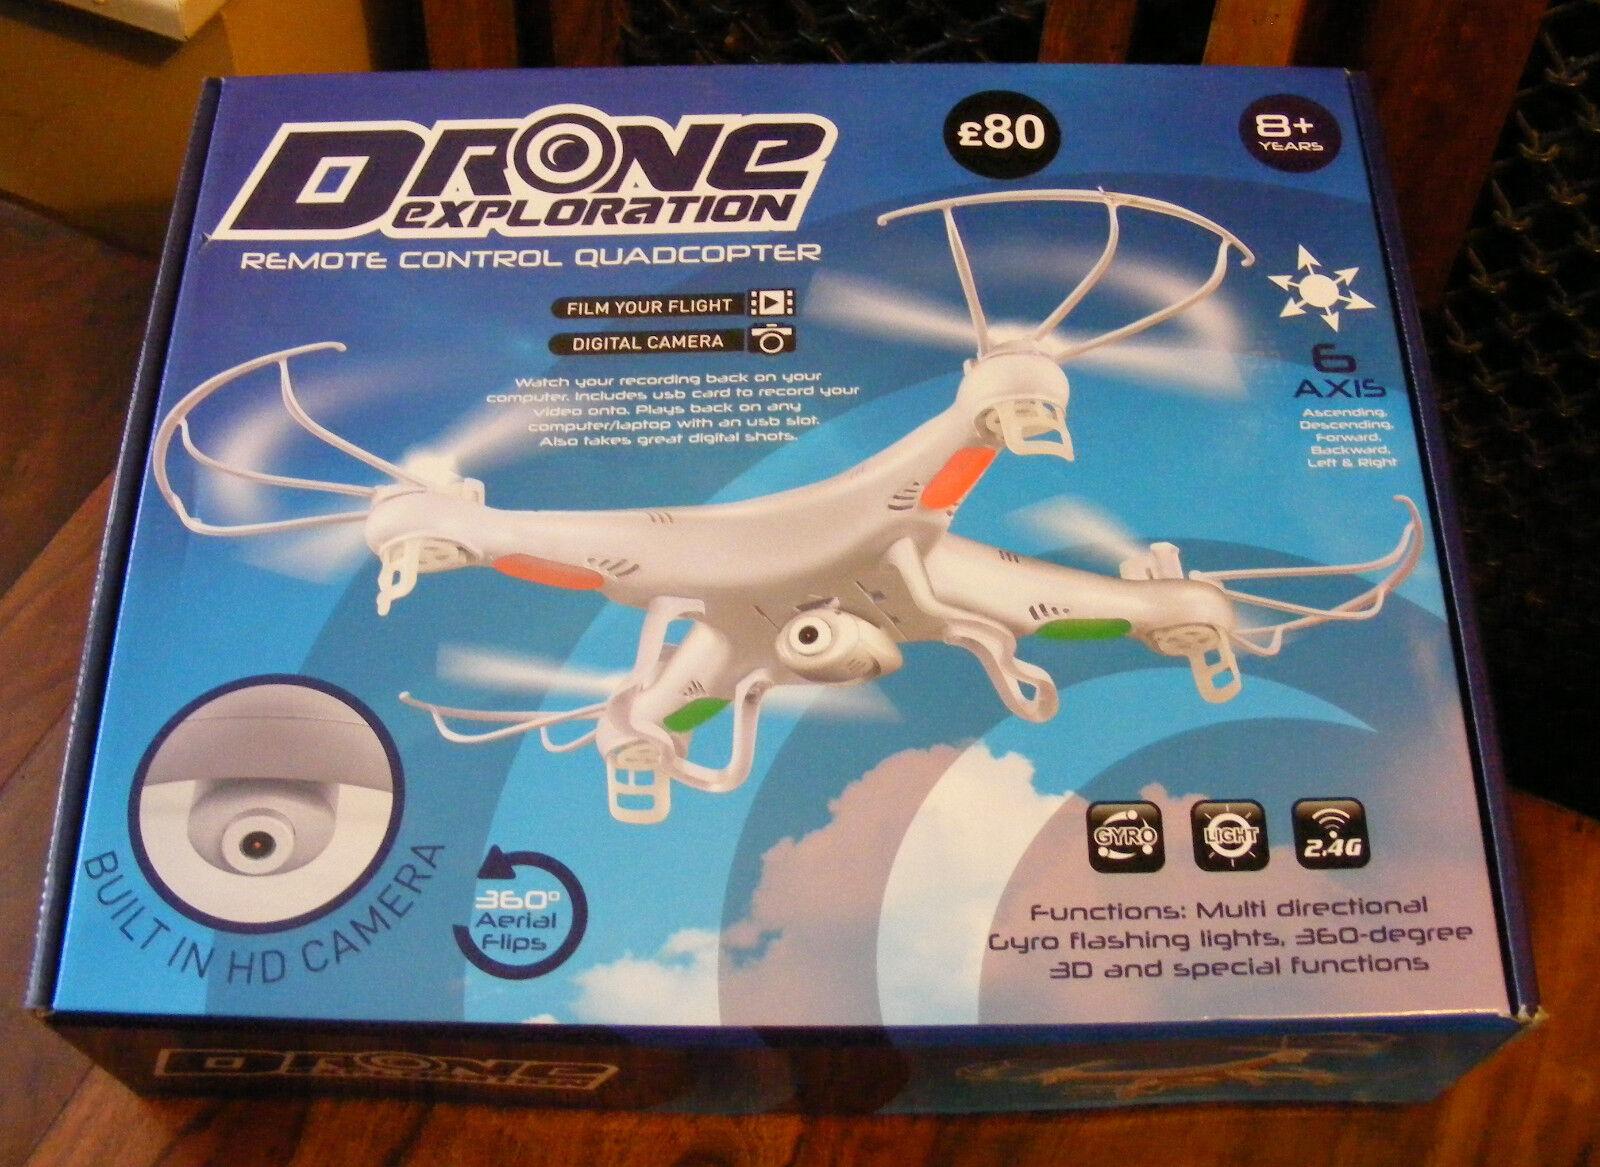 NUOVA esplorazione DRONE Syma CX5 2.4G Telecomando Quadcopter con TELECAMERA HD